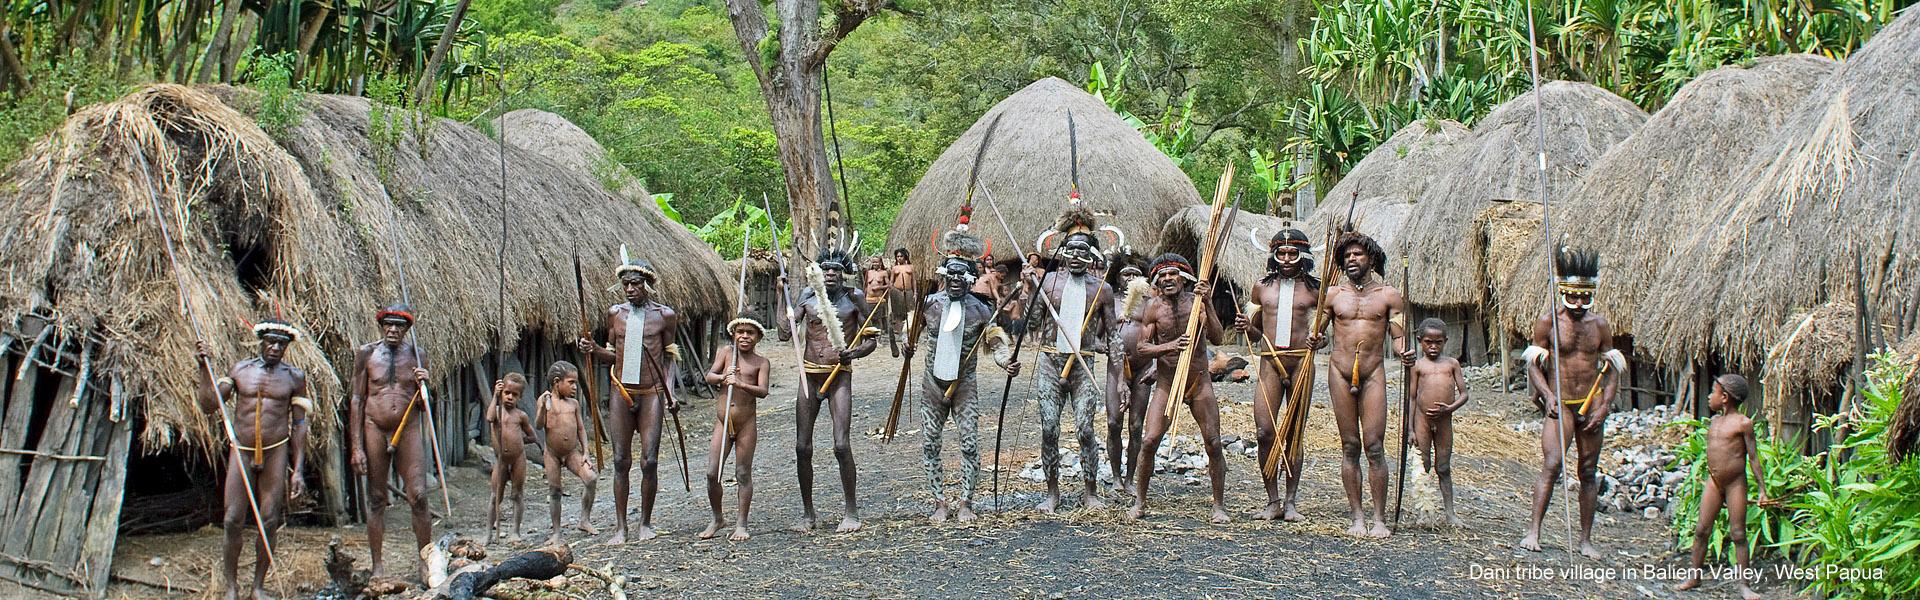 Dani tribe village in Baliem Valley, West Papua